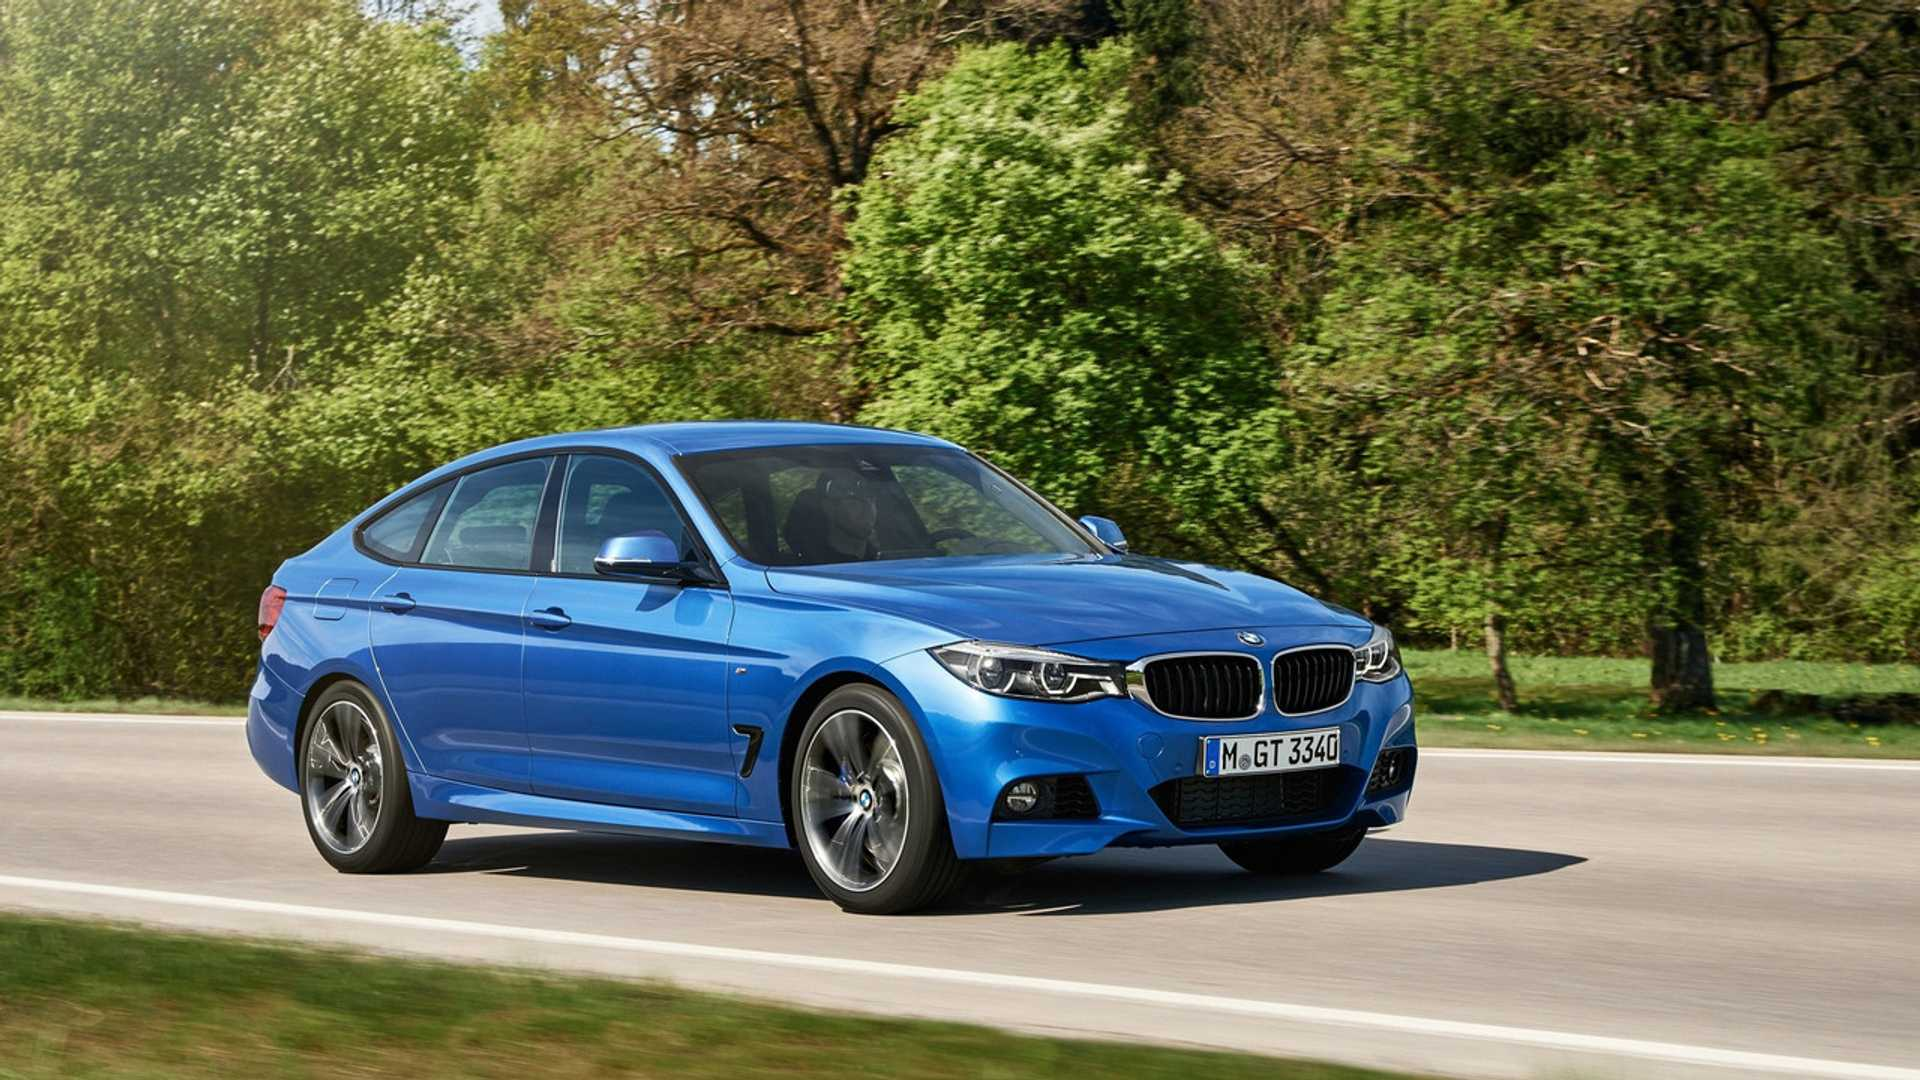 71 New BMW Gt 2020 Price by BMW Gt 2020